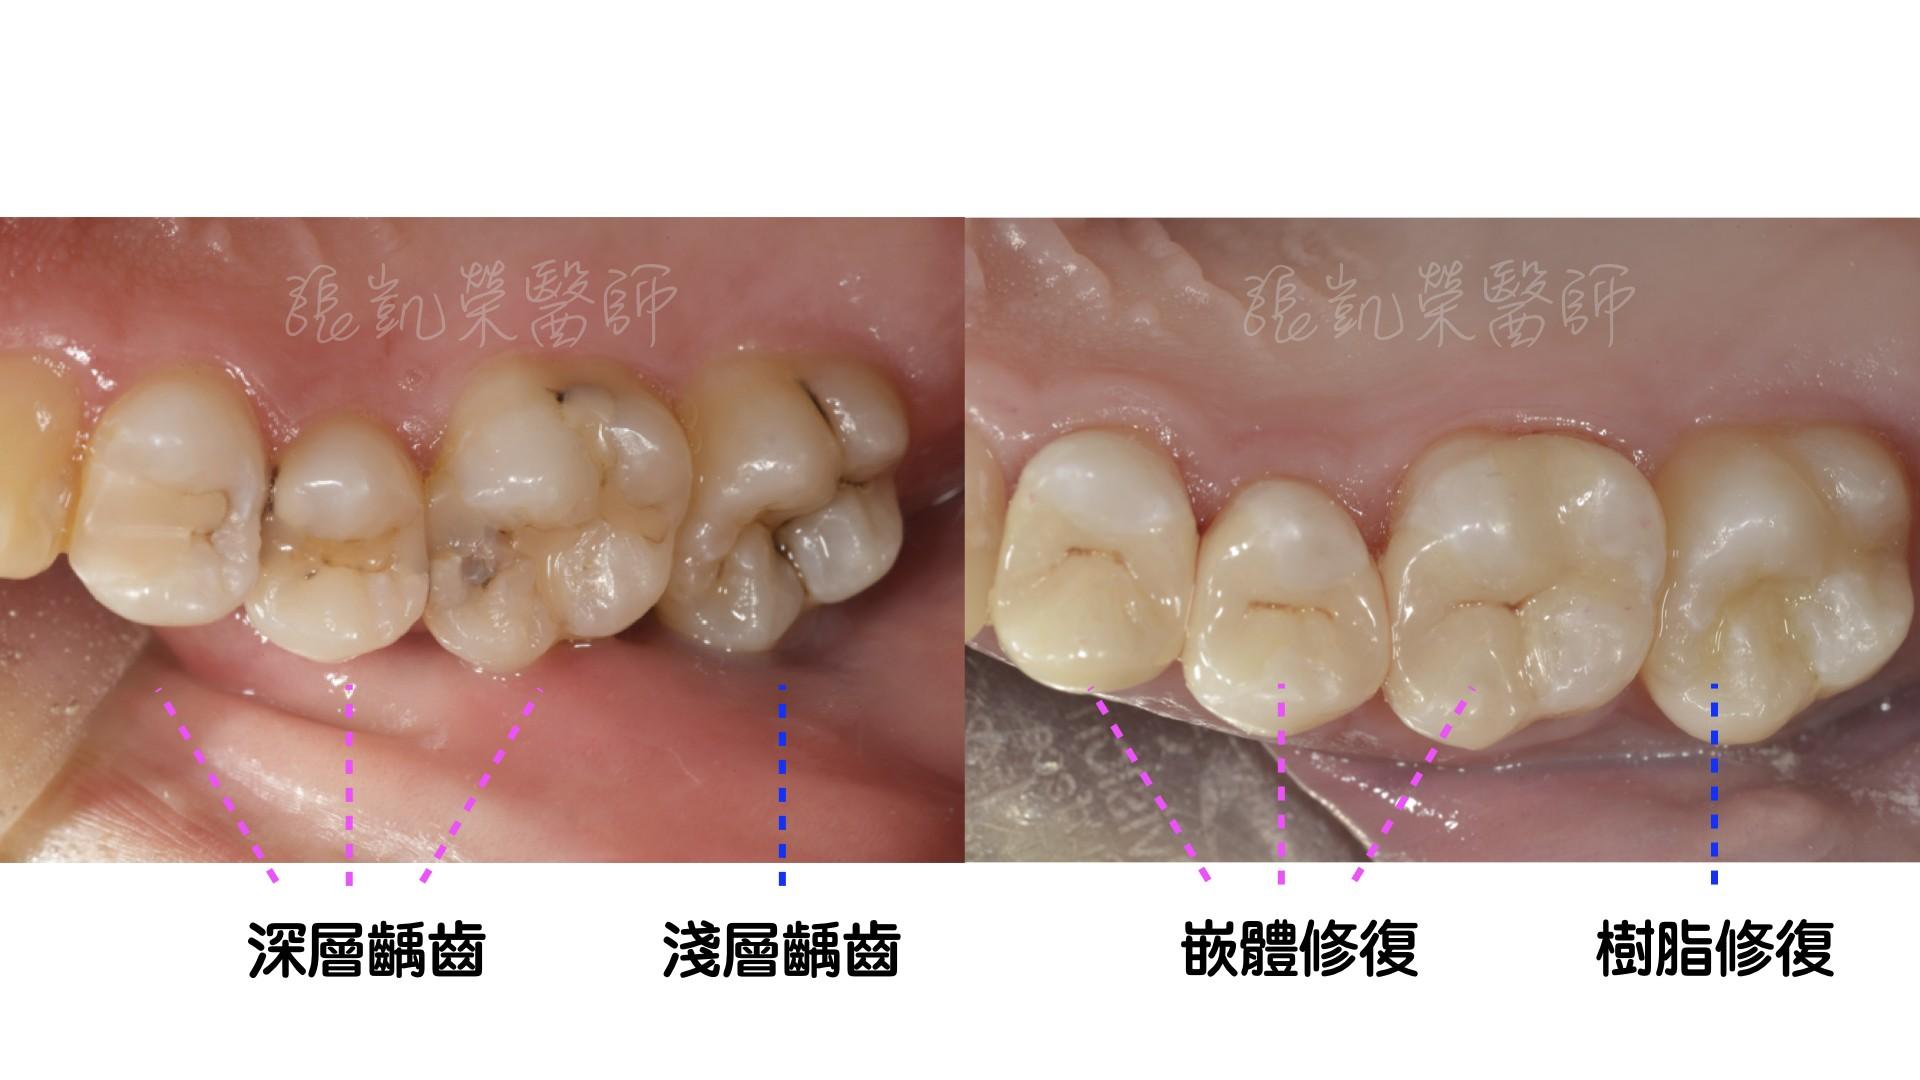 牙齒有酸酸的感覺,牙齒是怎麼了呢?  partI :蛀牙